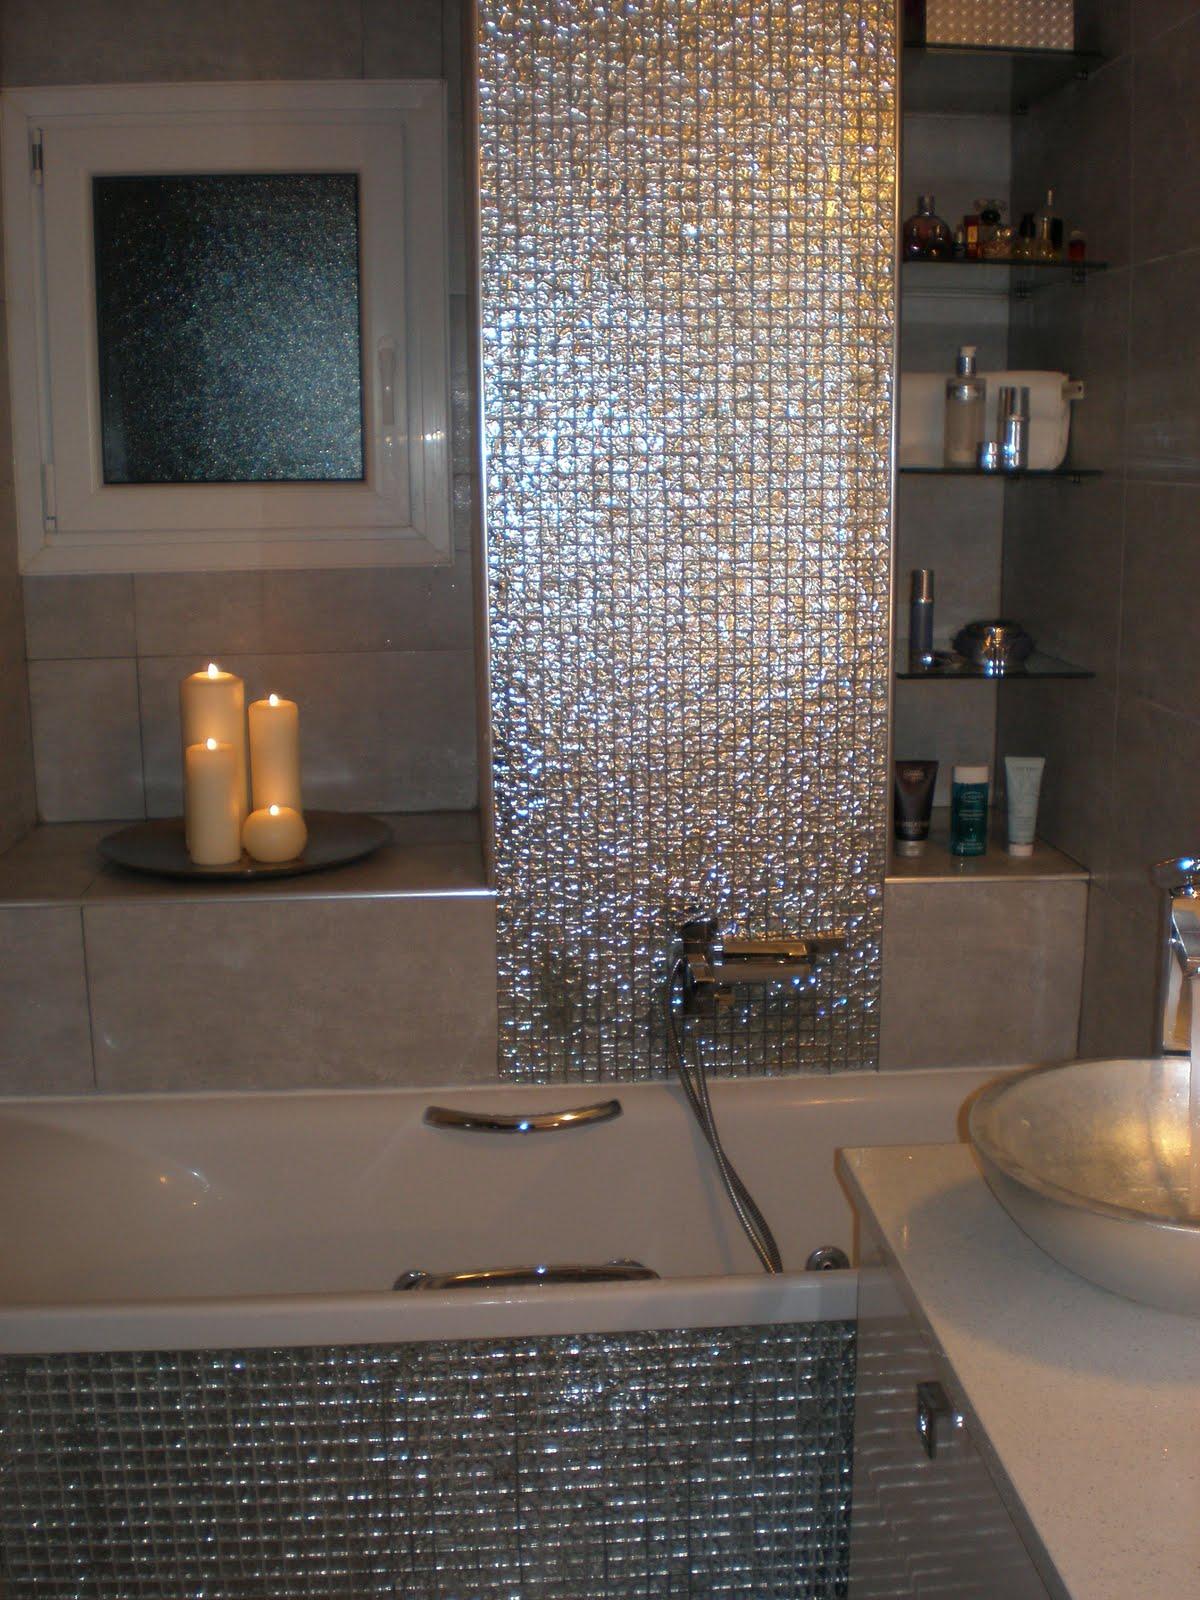 Mosaic Bathrooms